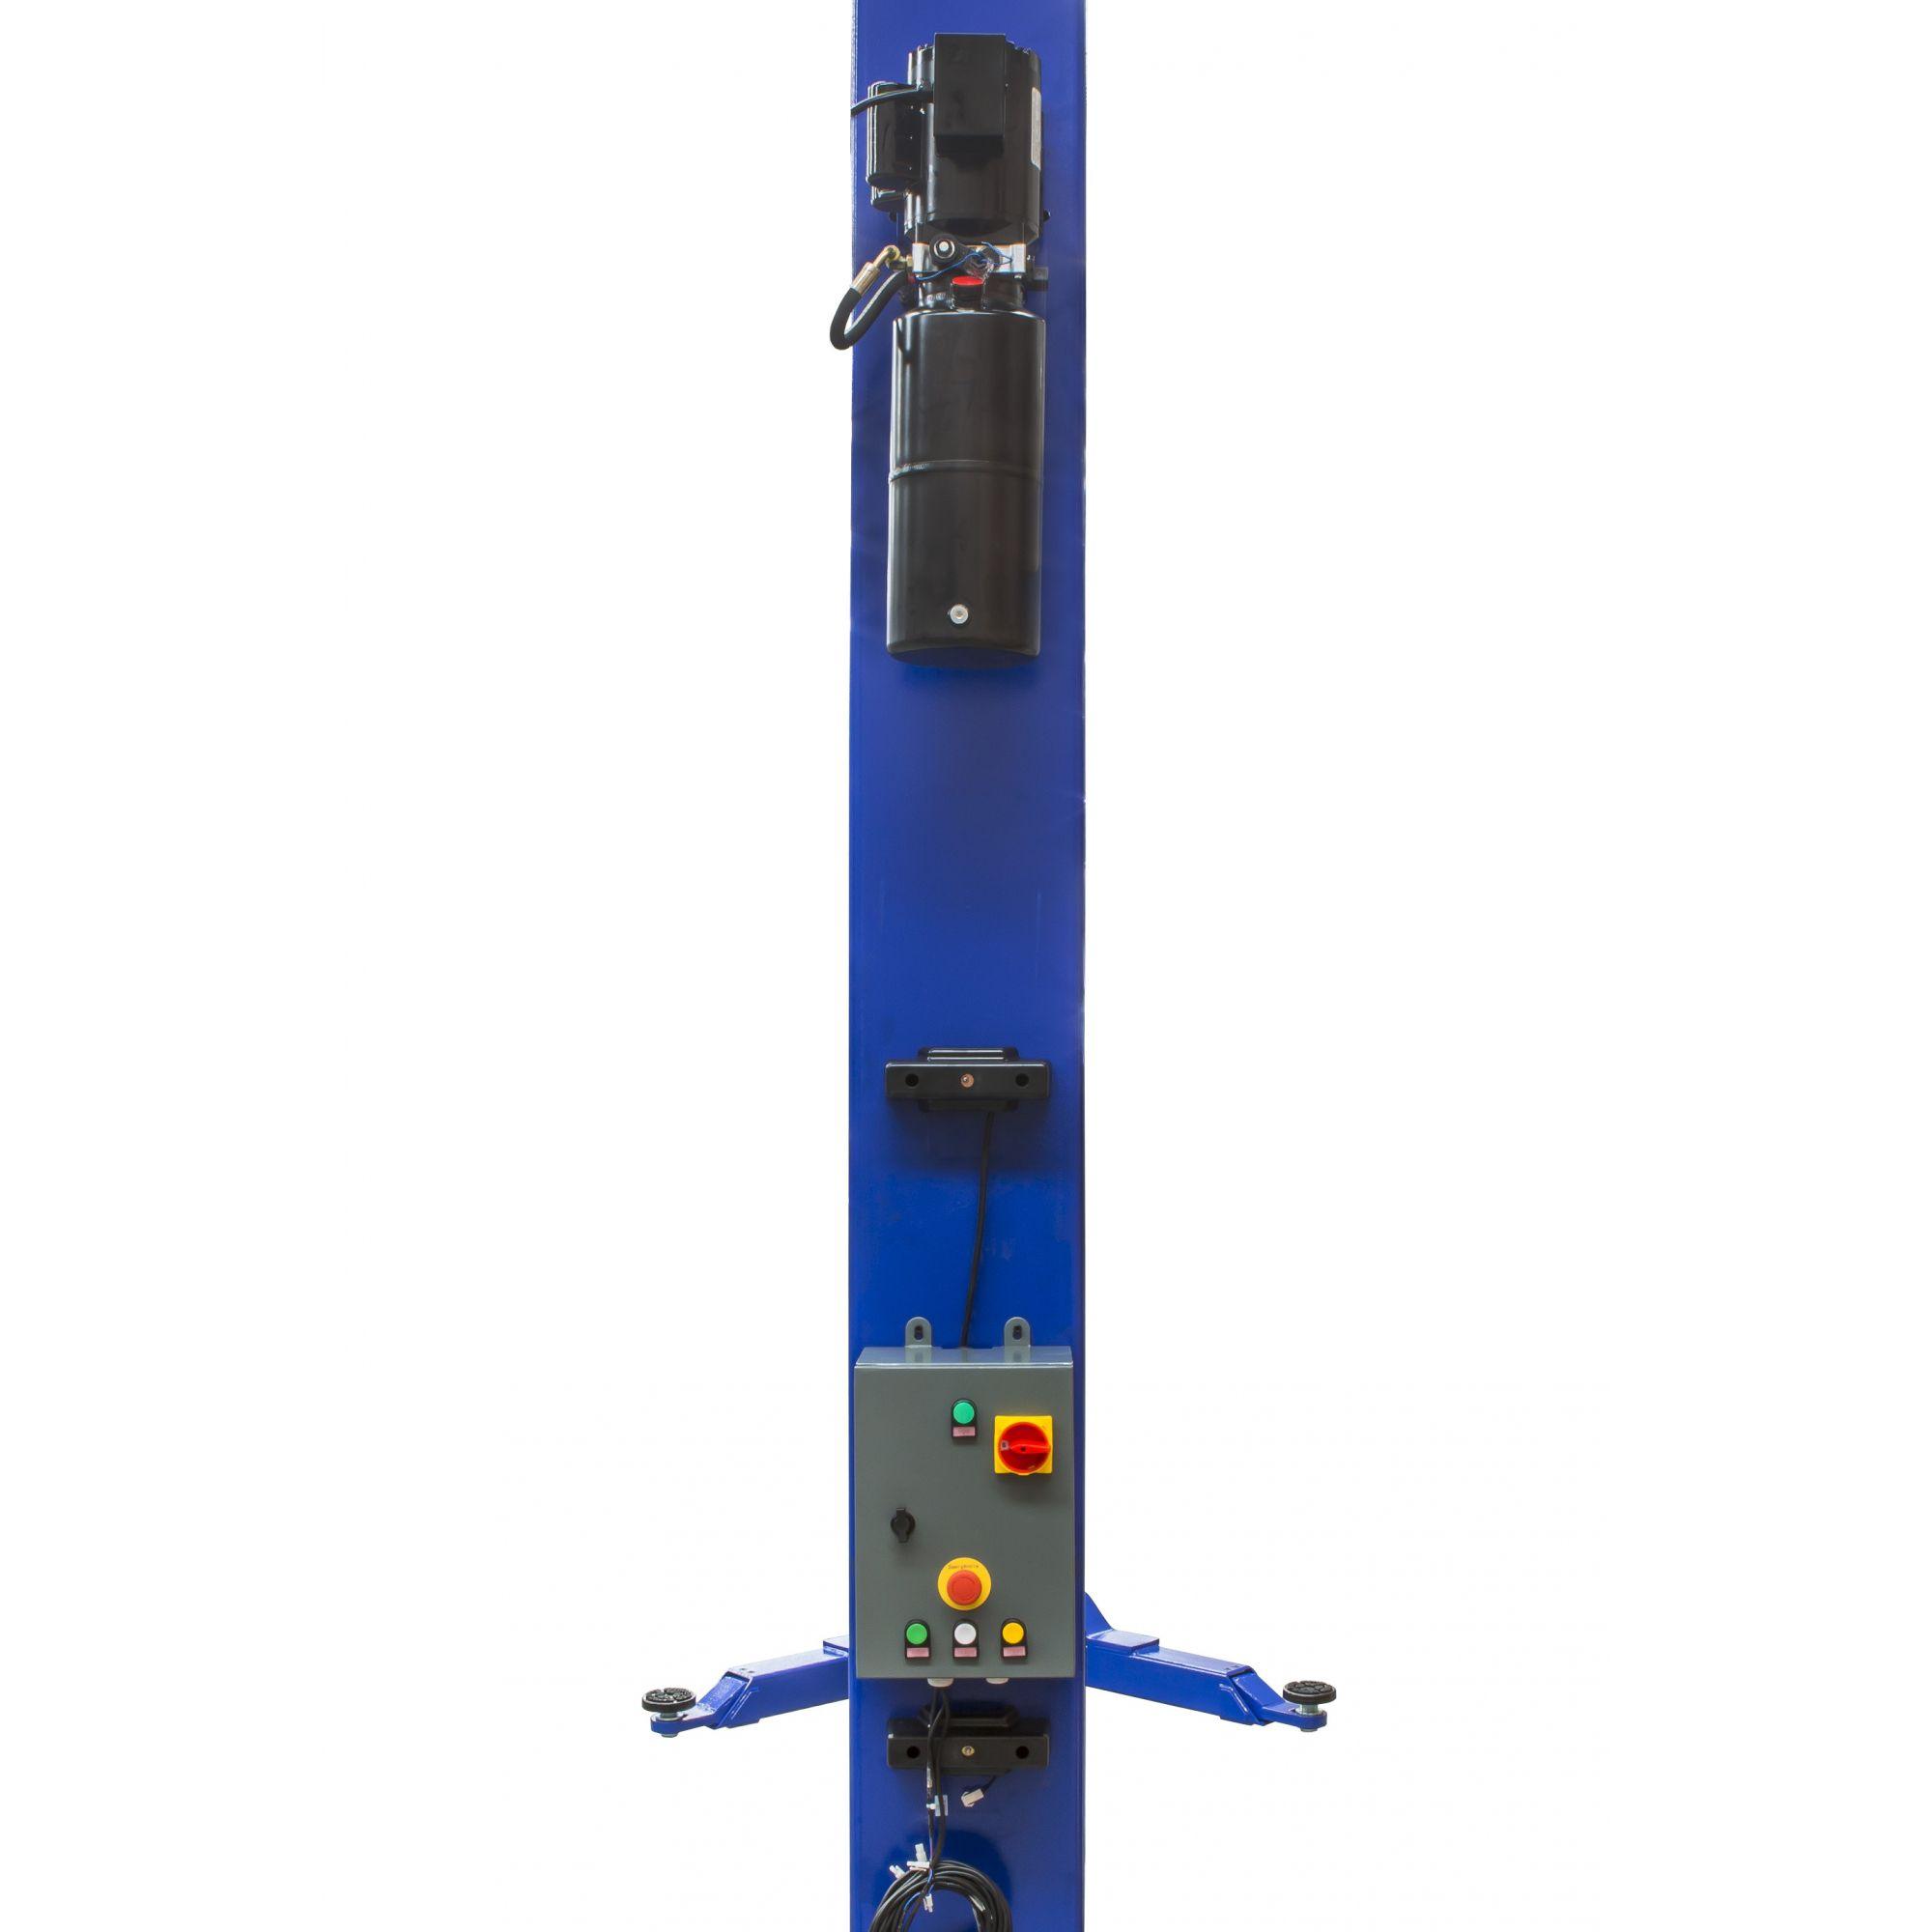 Elevador Automotivo Hidráulico de Coluna c/ Pórtico e Painel Elétrico   4.000 Kg   220V Monofásico - Máquinas Ribeiro